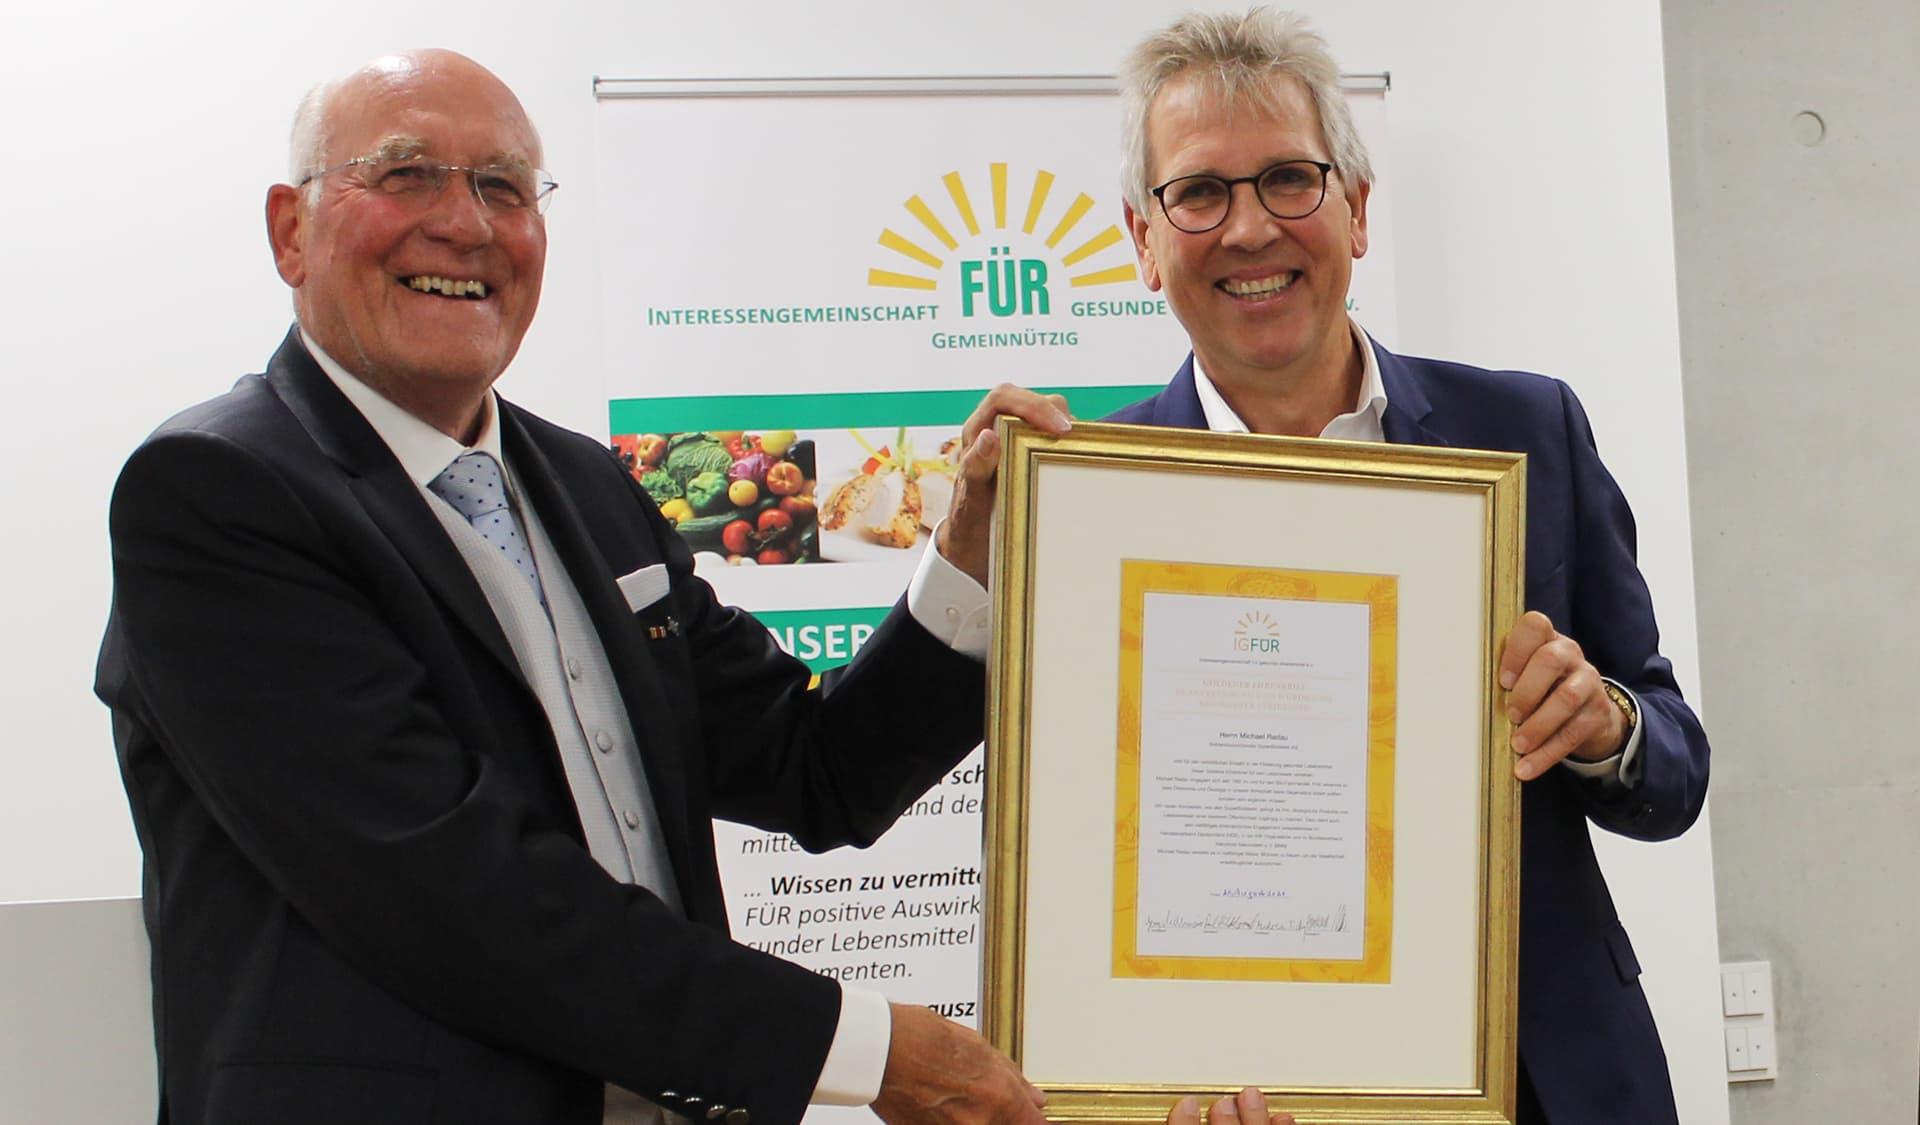 Michael Radau (rechts) bekommt seinen Goldenen Ehrenbrief von Georg Sedlmaier, Vorsitzender der IGFÜR, überreicht.